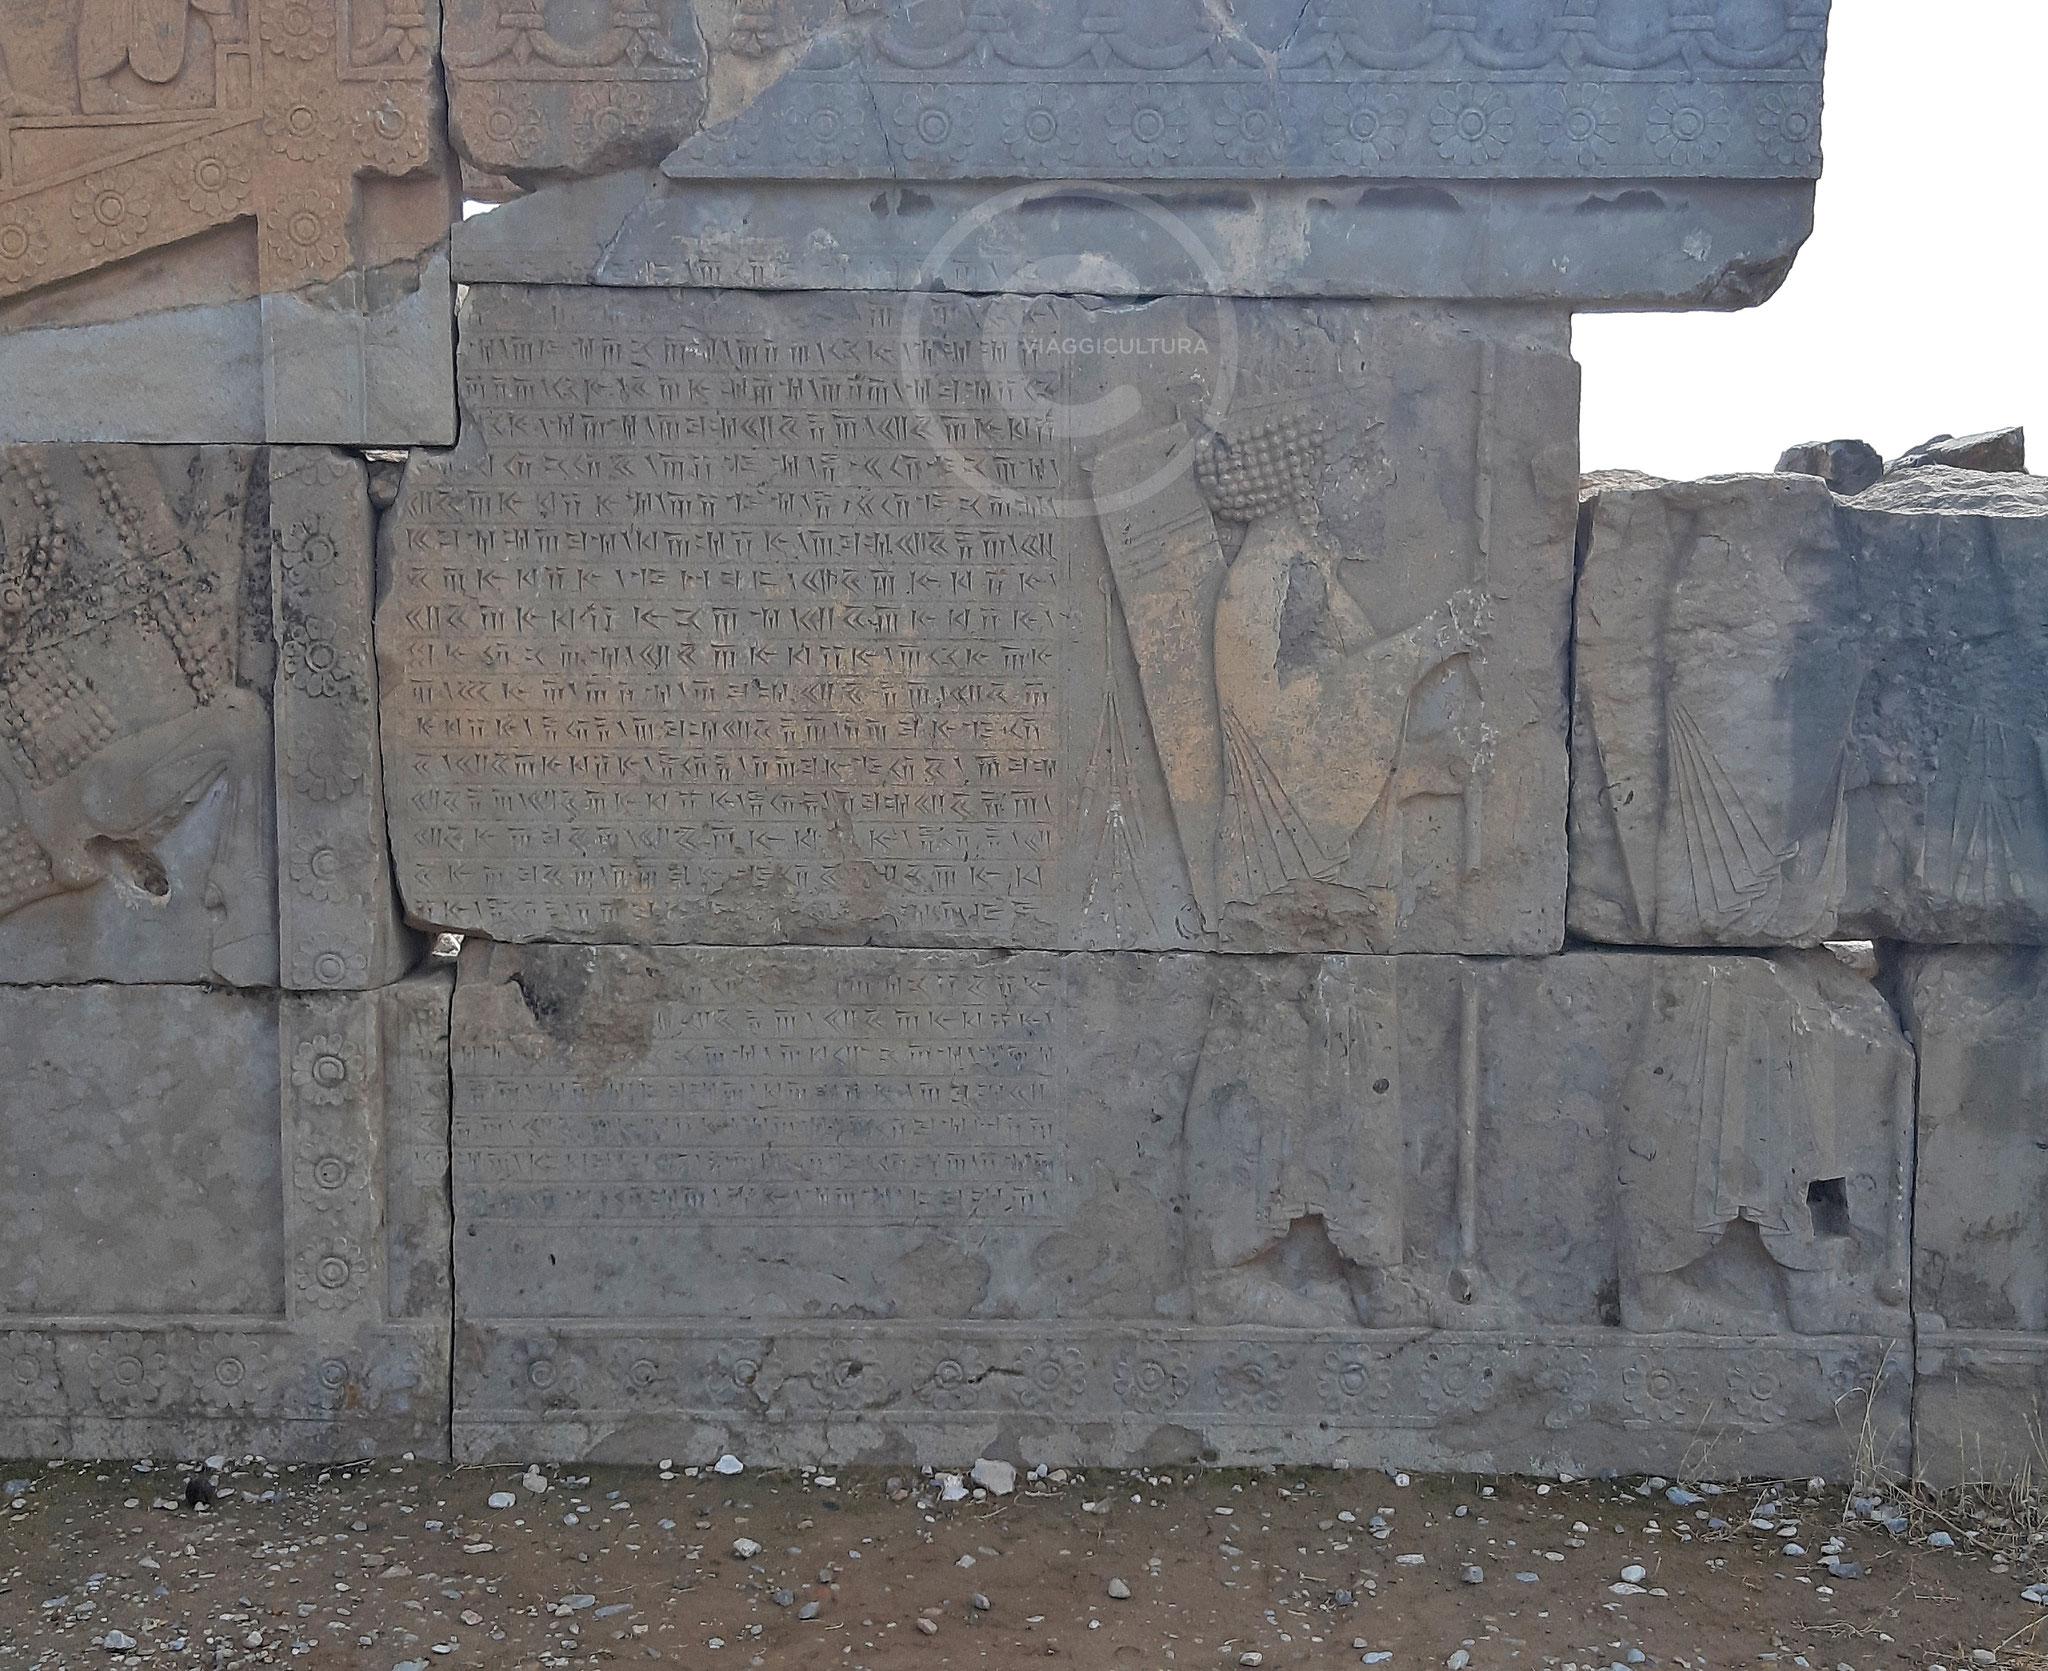 Iscrizione attribuita ad Artaserse in lingua persiana antica posta sulla scalinata del Palazzo H - Persepoli (Iran)